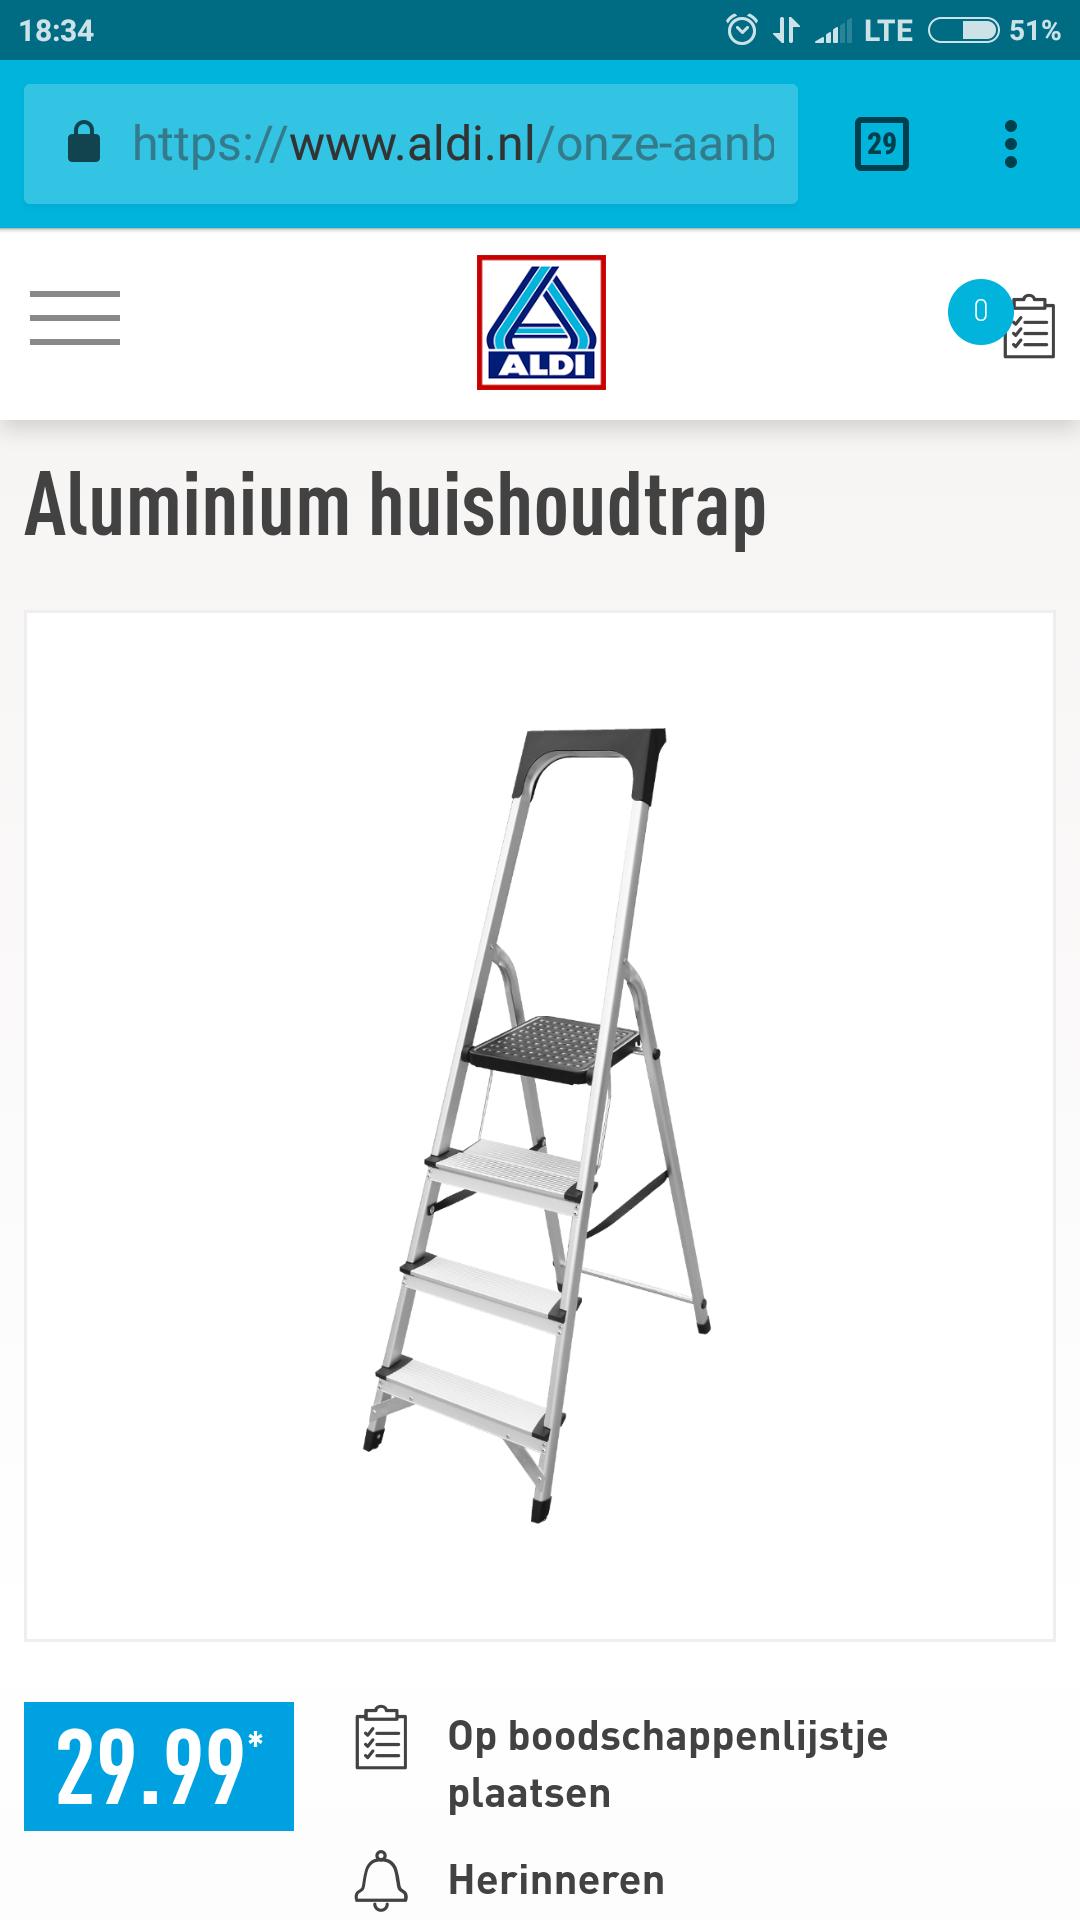 Aluminium huishoudtrap @Aldi